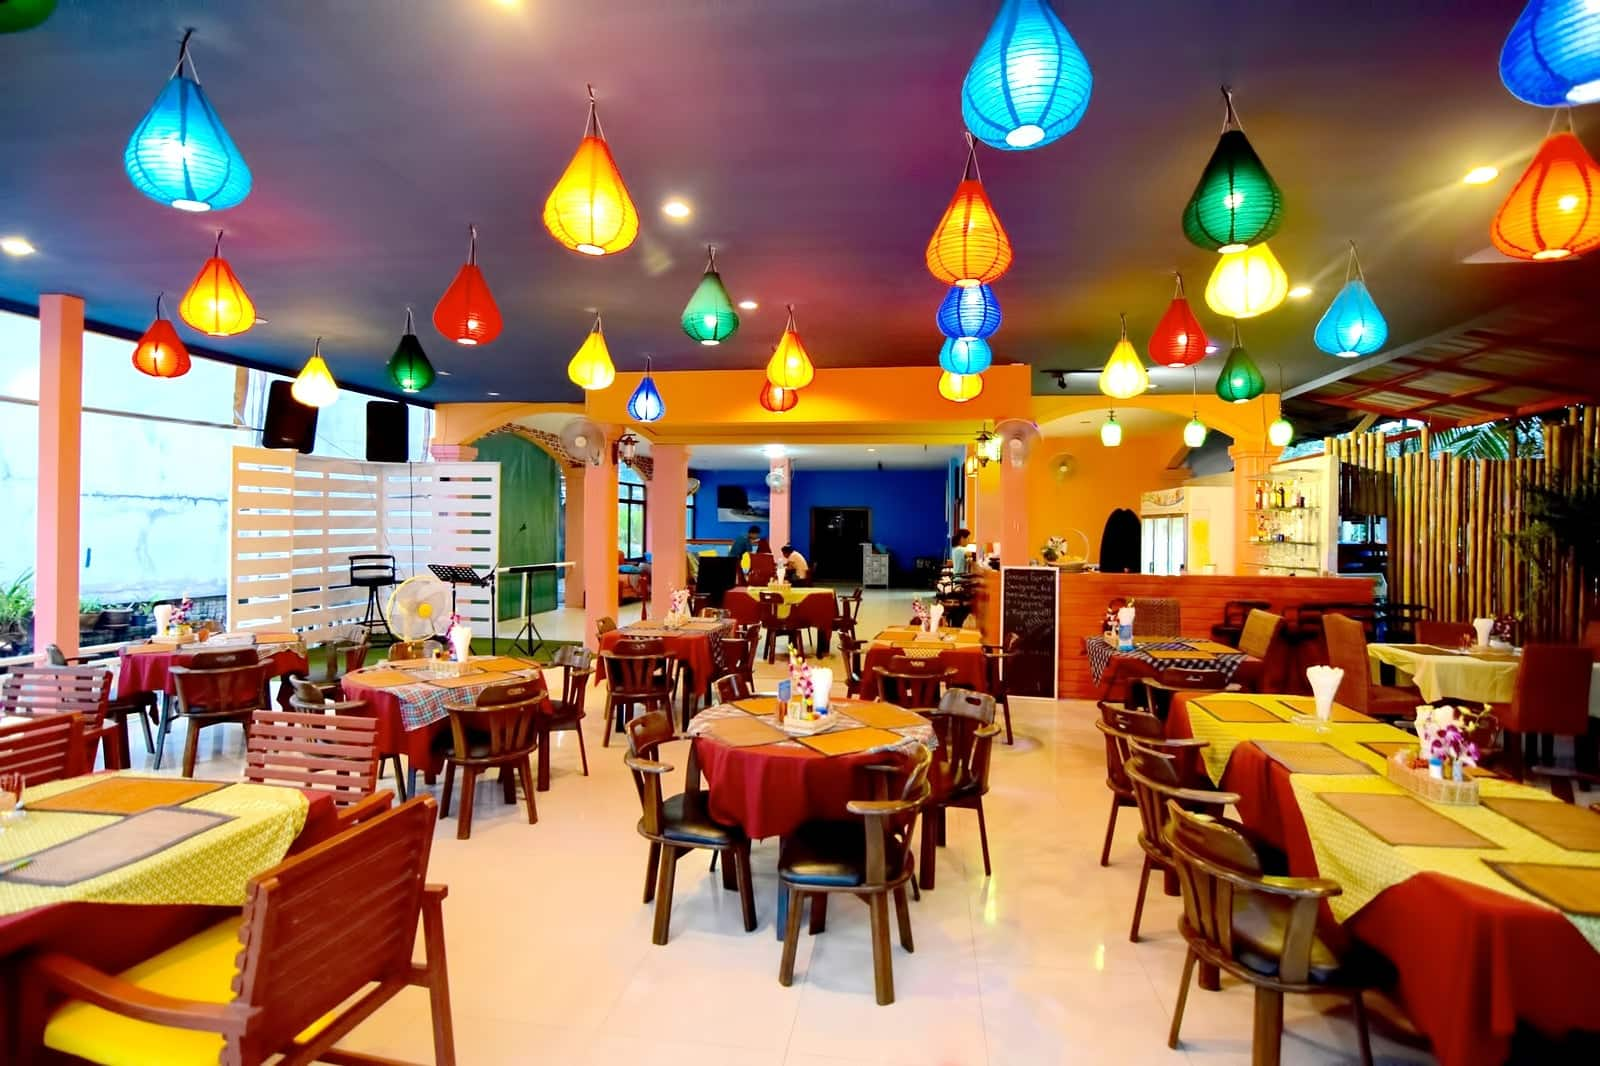 10 Best Local Thai Restaurants in Kata - Where to Enjoy Real Thai Food in  Kata Beach